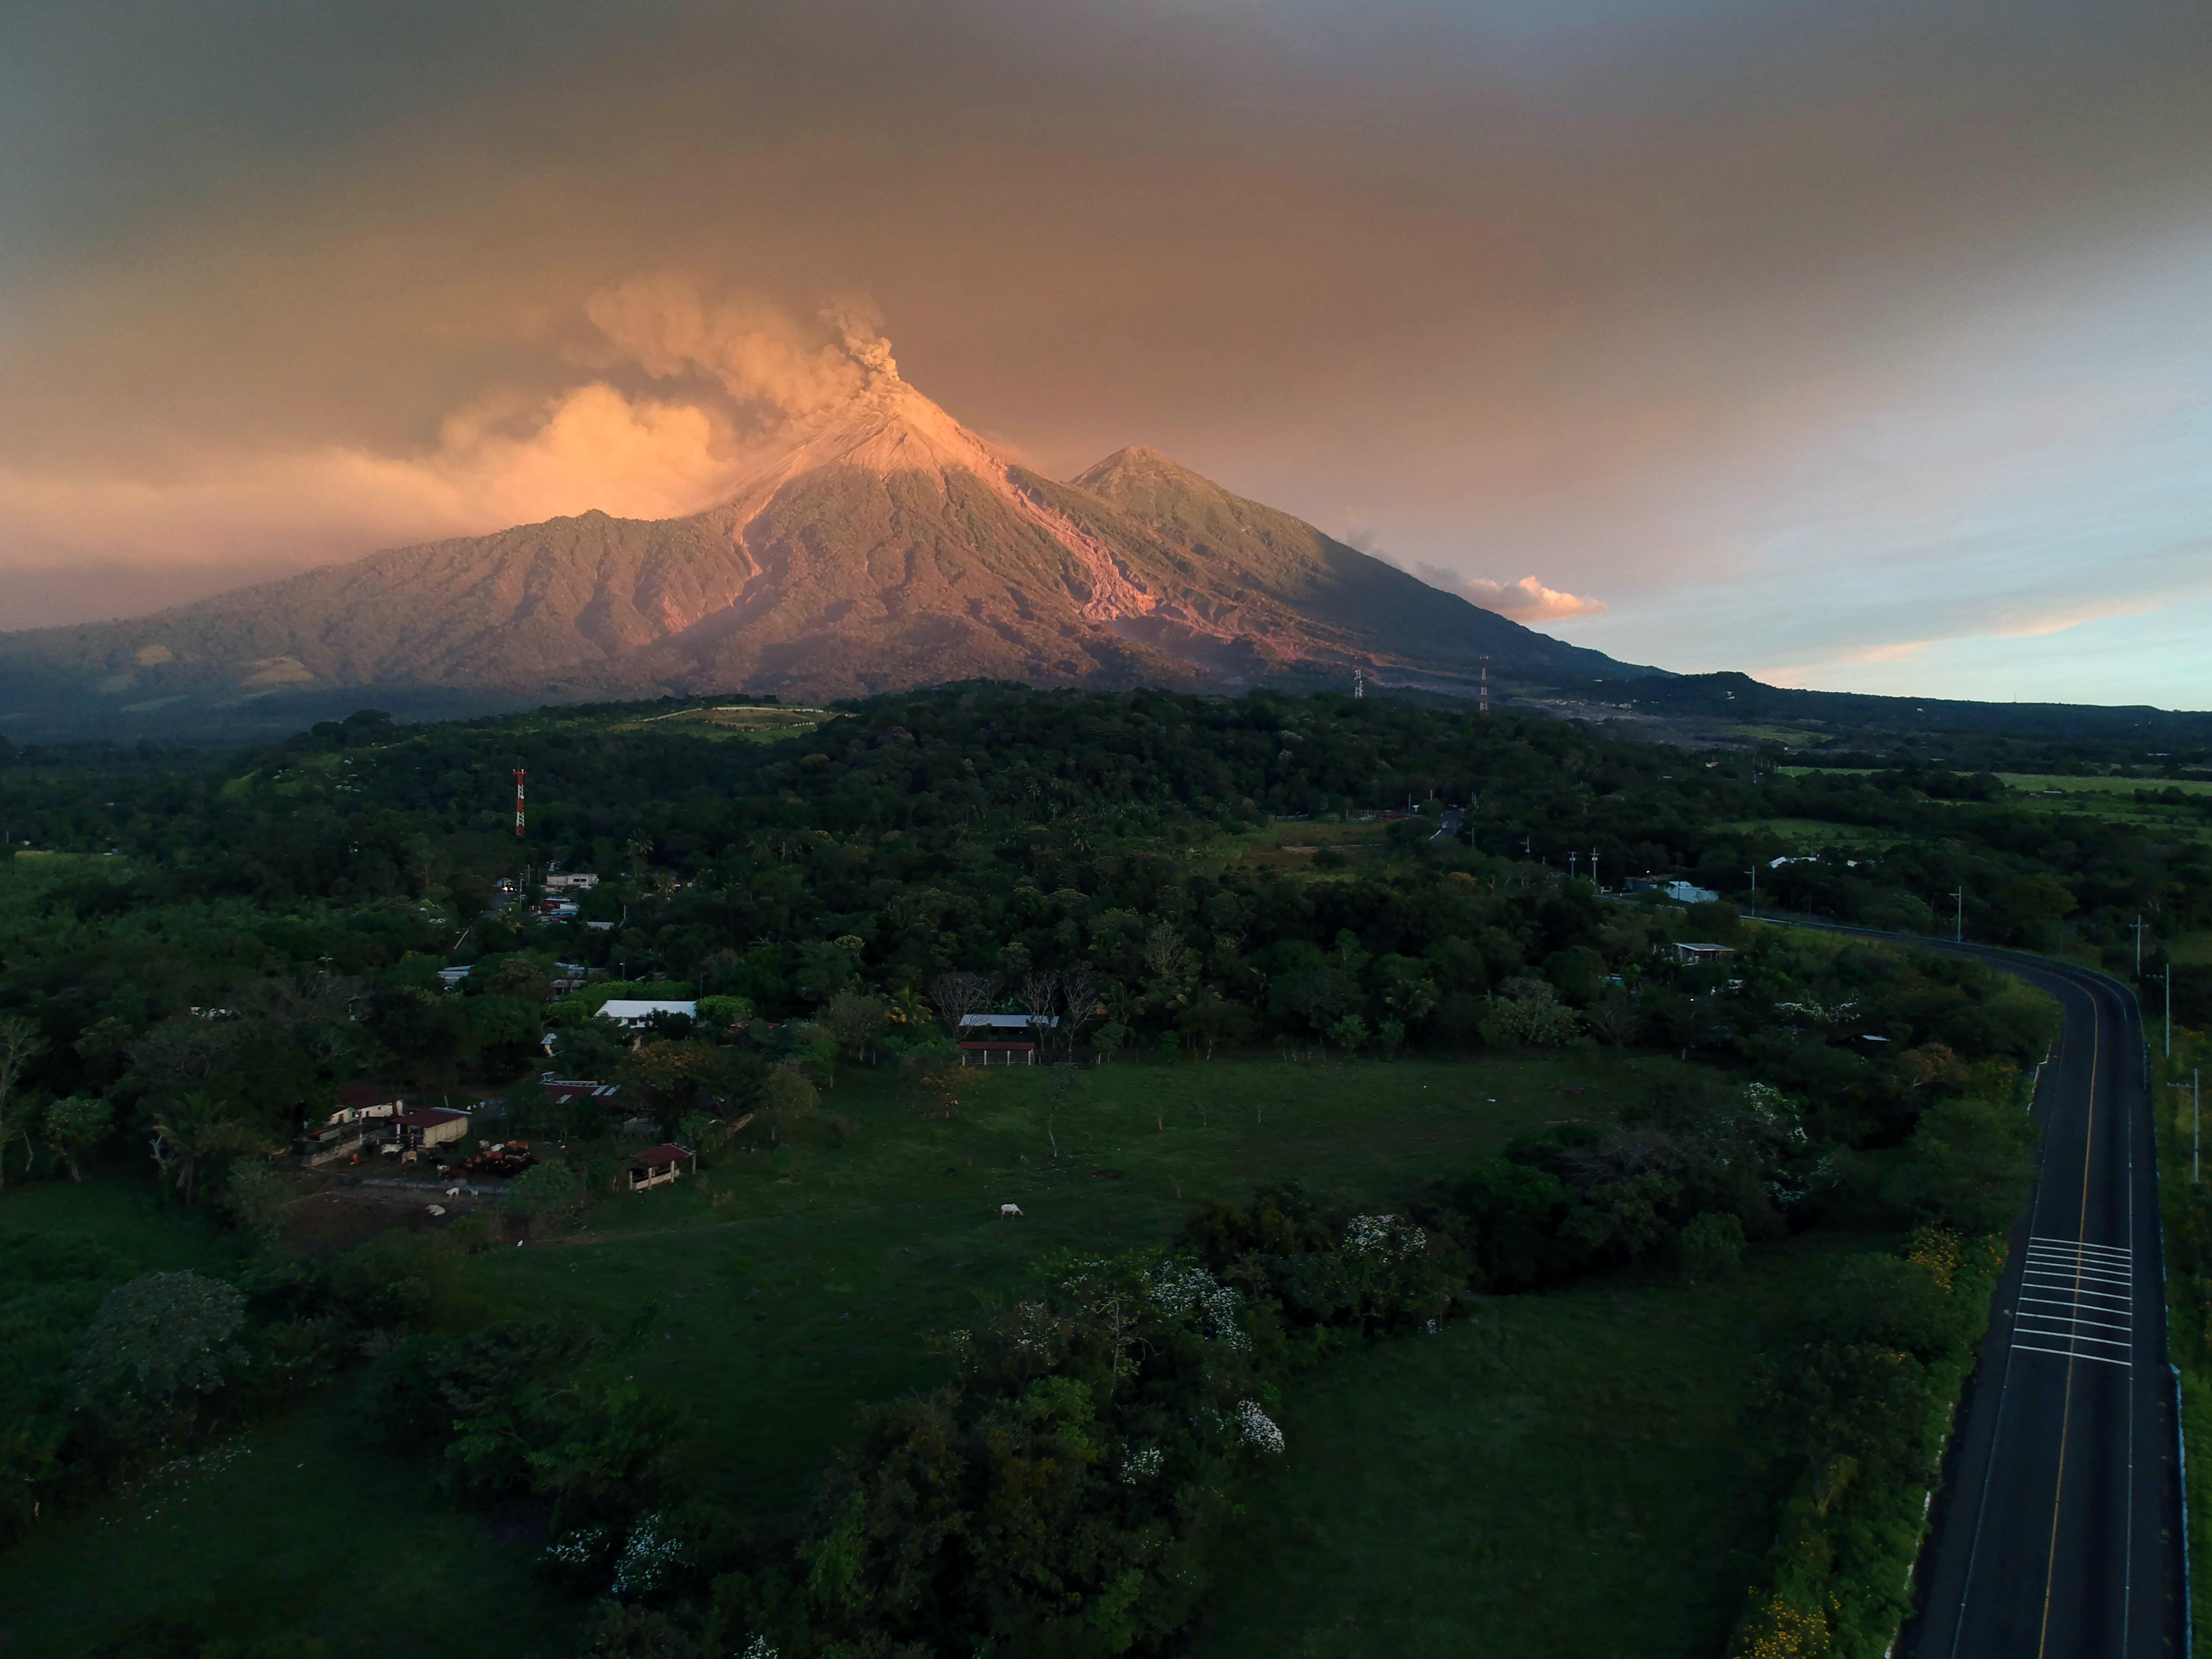 El pasado 3 de junio, el volcán tuvo una potente erupción. Cubrió de ceniza varios poblados ubicados a decenas de kilómetros y obligó al cierre del aeropuerto internacional de la capital